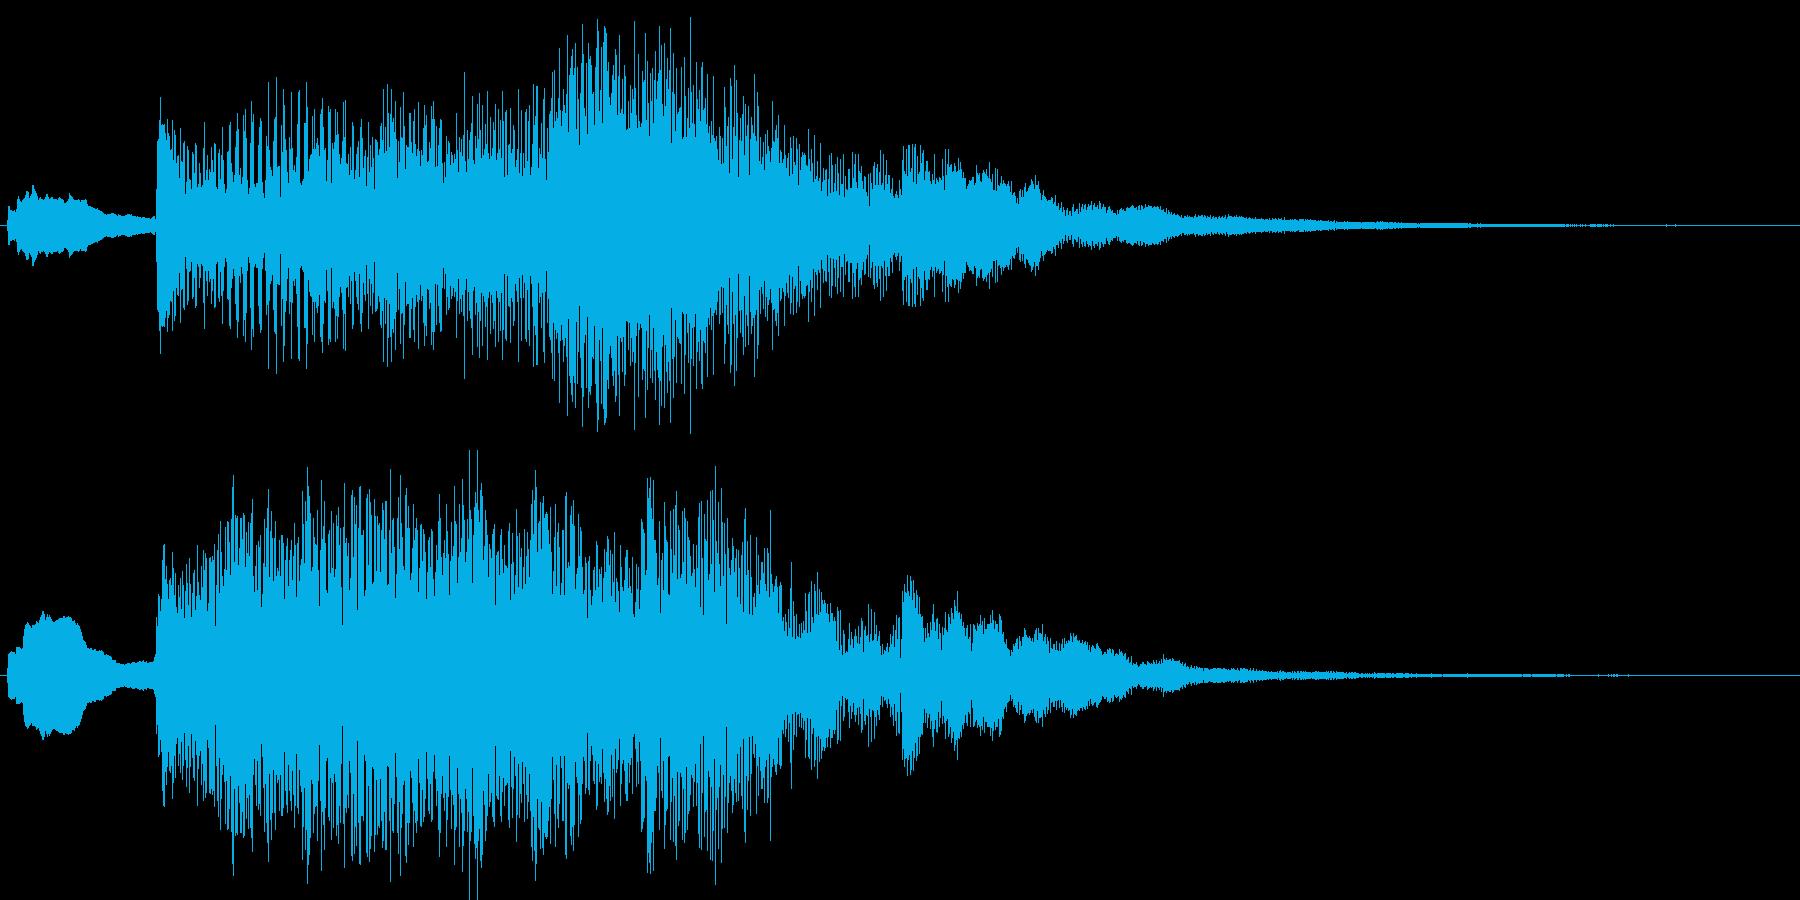 目を覚ます衝撃的起動波の再生済みの波形